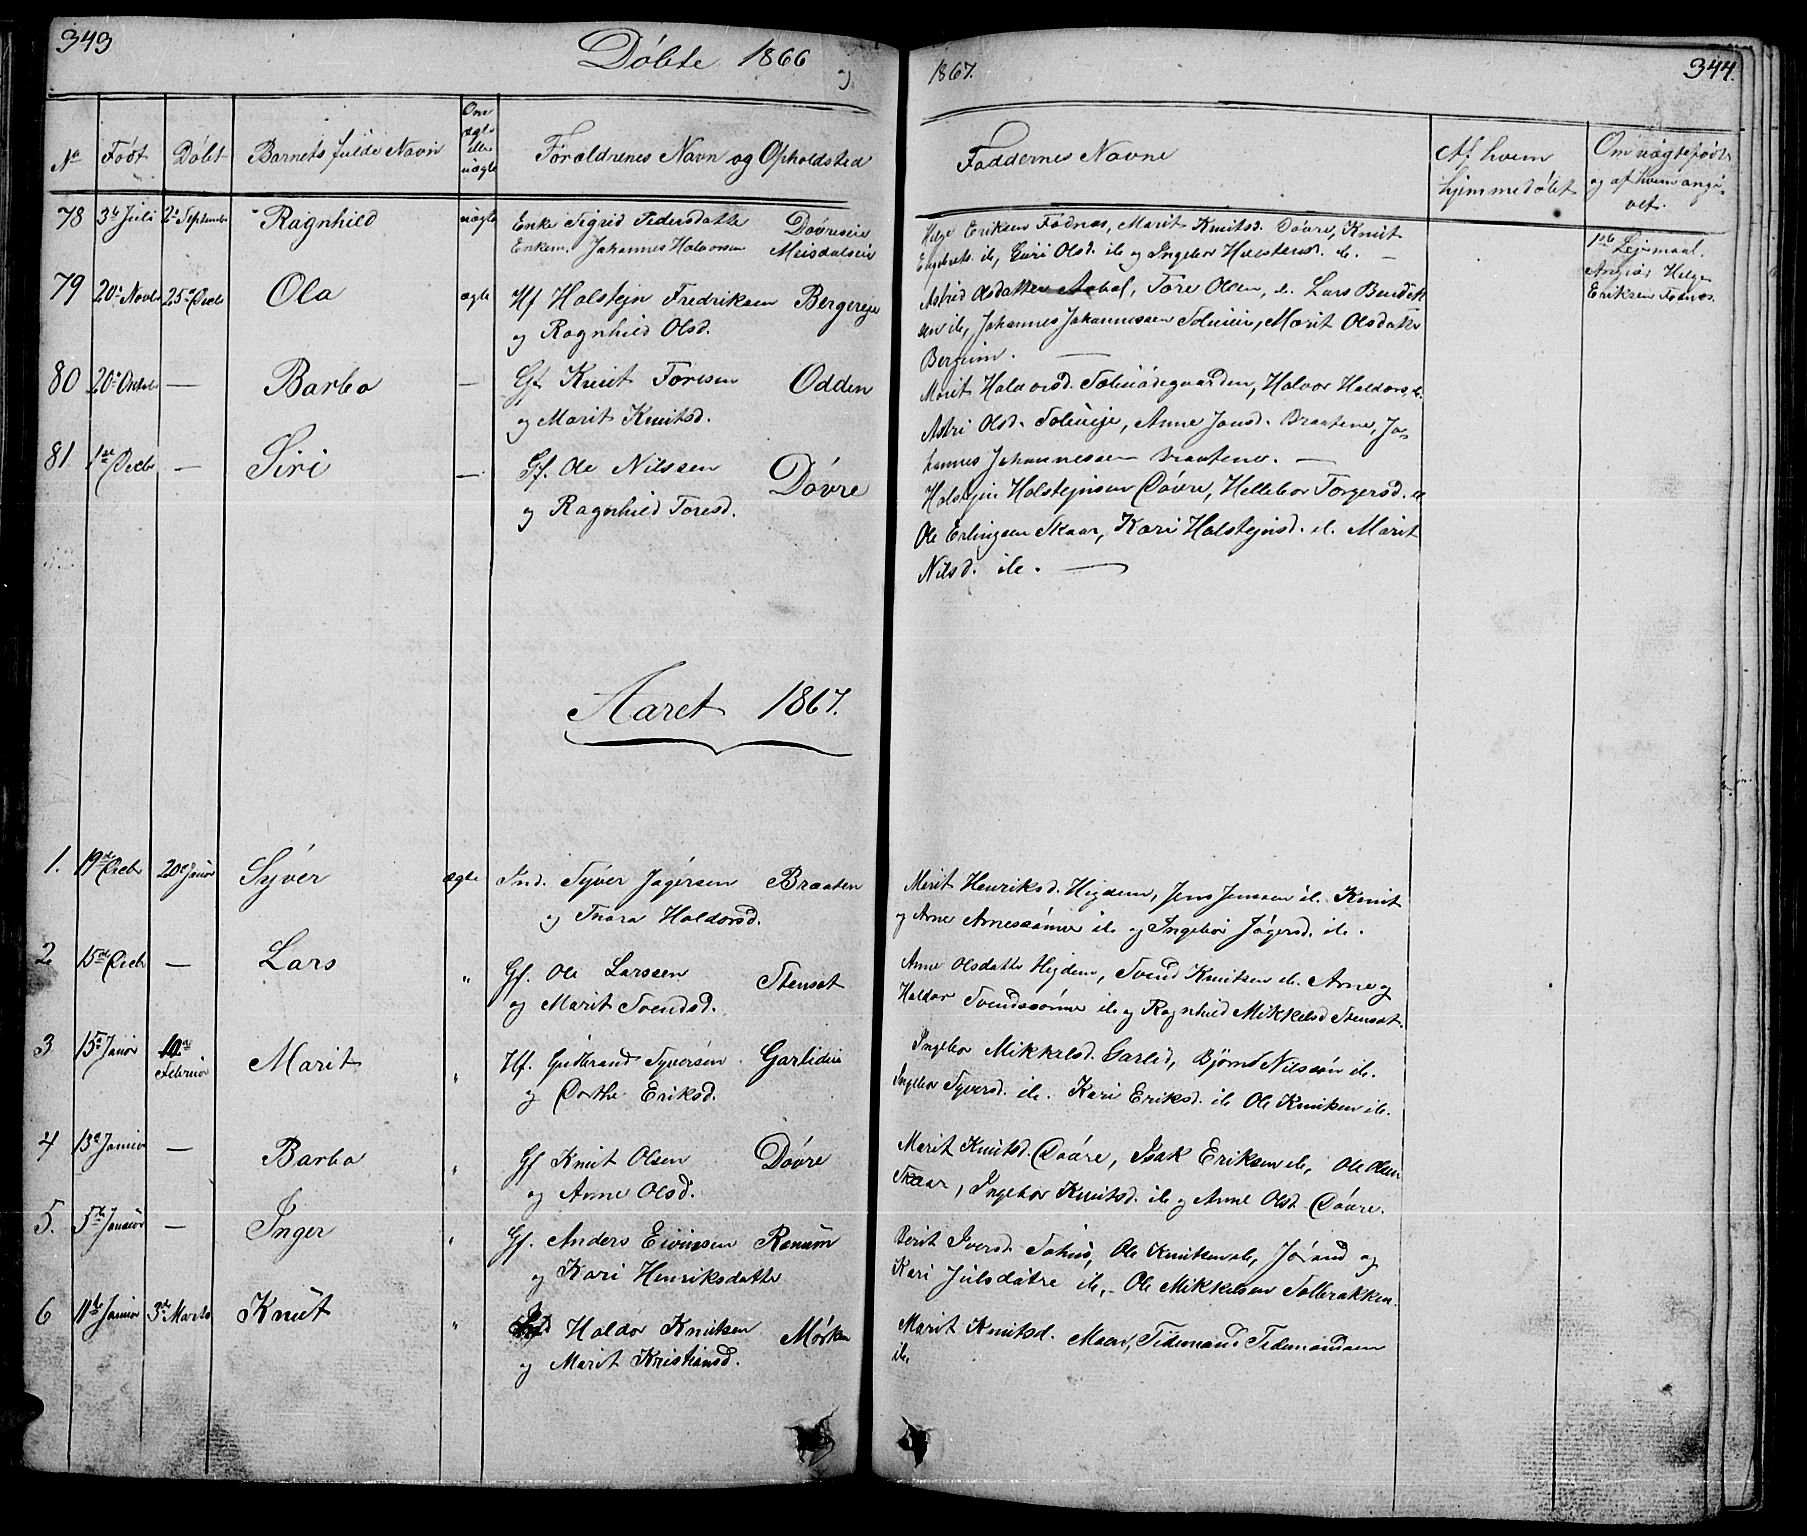 SAH, Nord-Aurdal prestekontor, Klokkerbok nr. 1, 1834-1887, s. 343-344